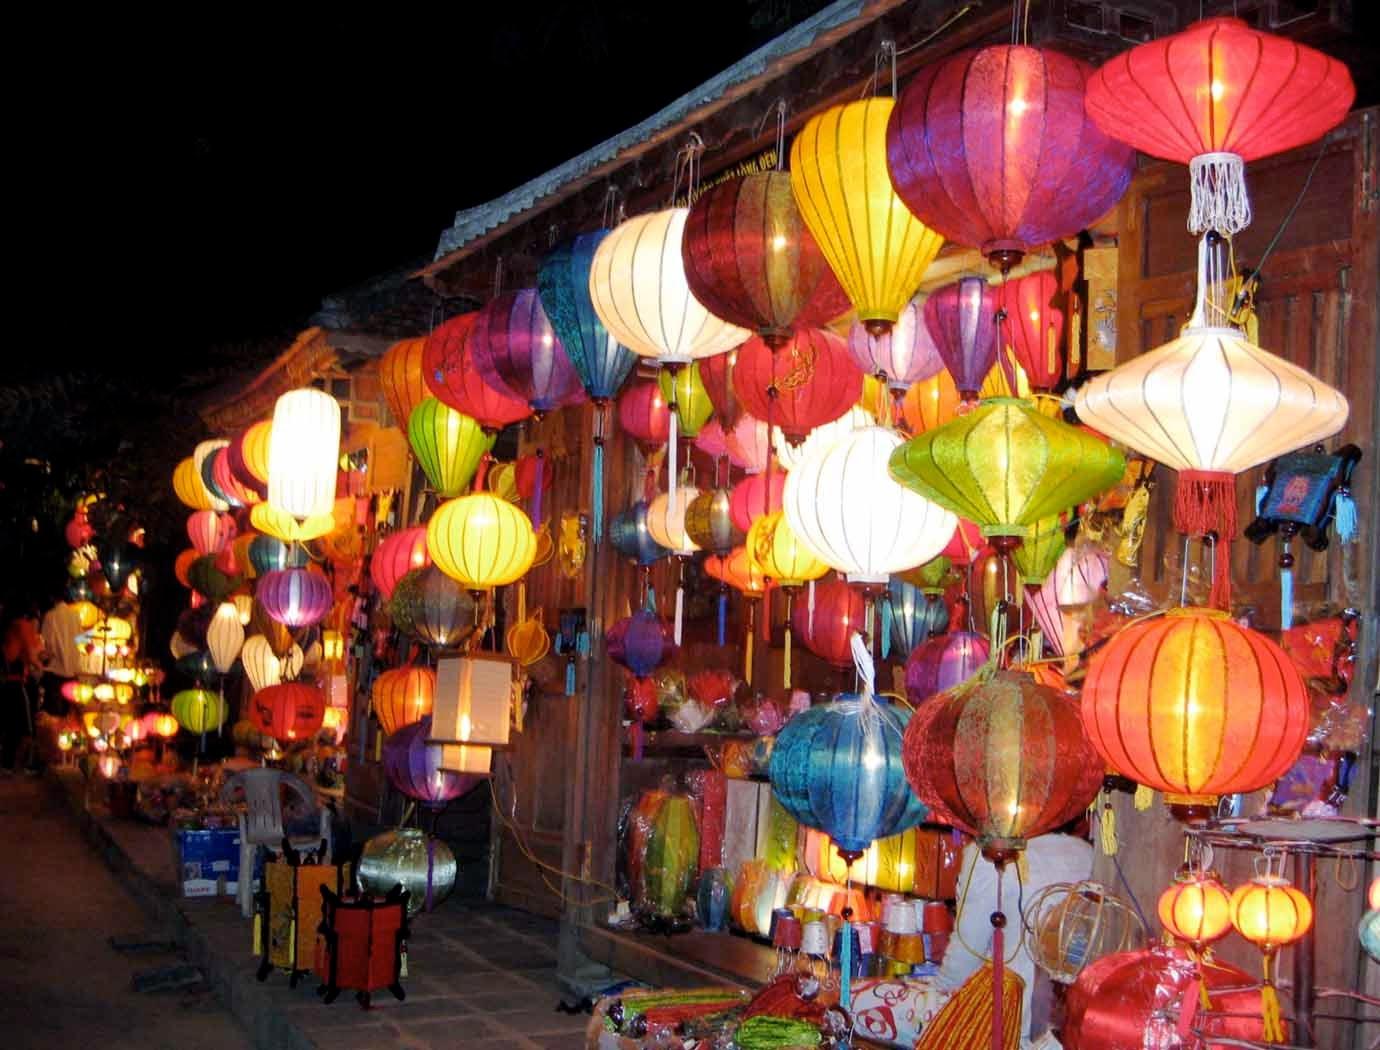 Huế - Hồ Truồi (Bạch Mã) - Lăng Cô - Hội An - Đà Nẵng 4 ngày,